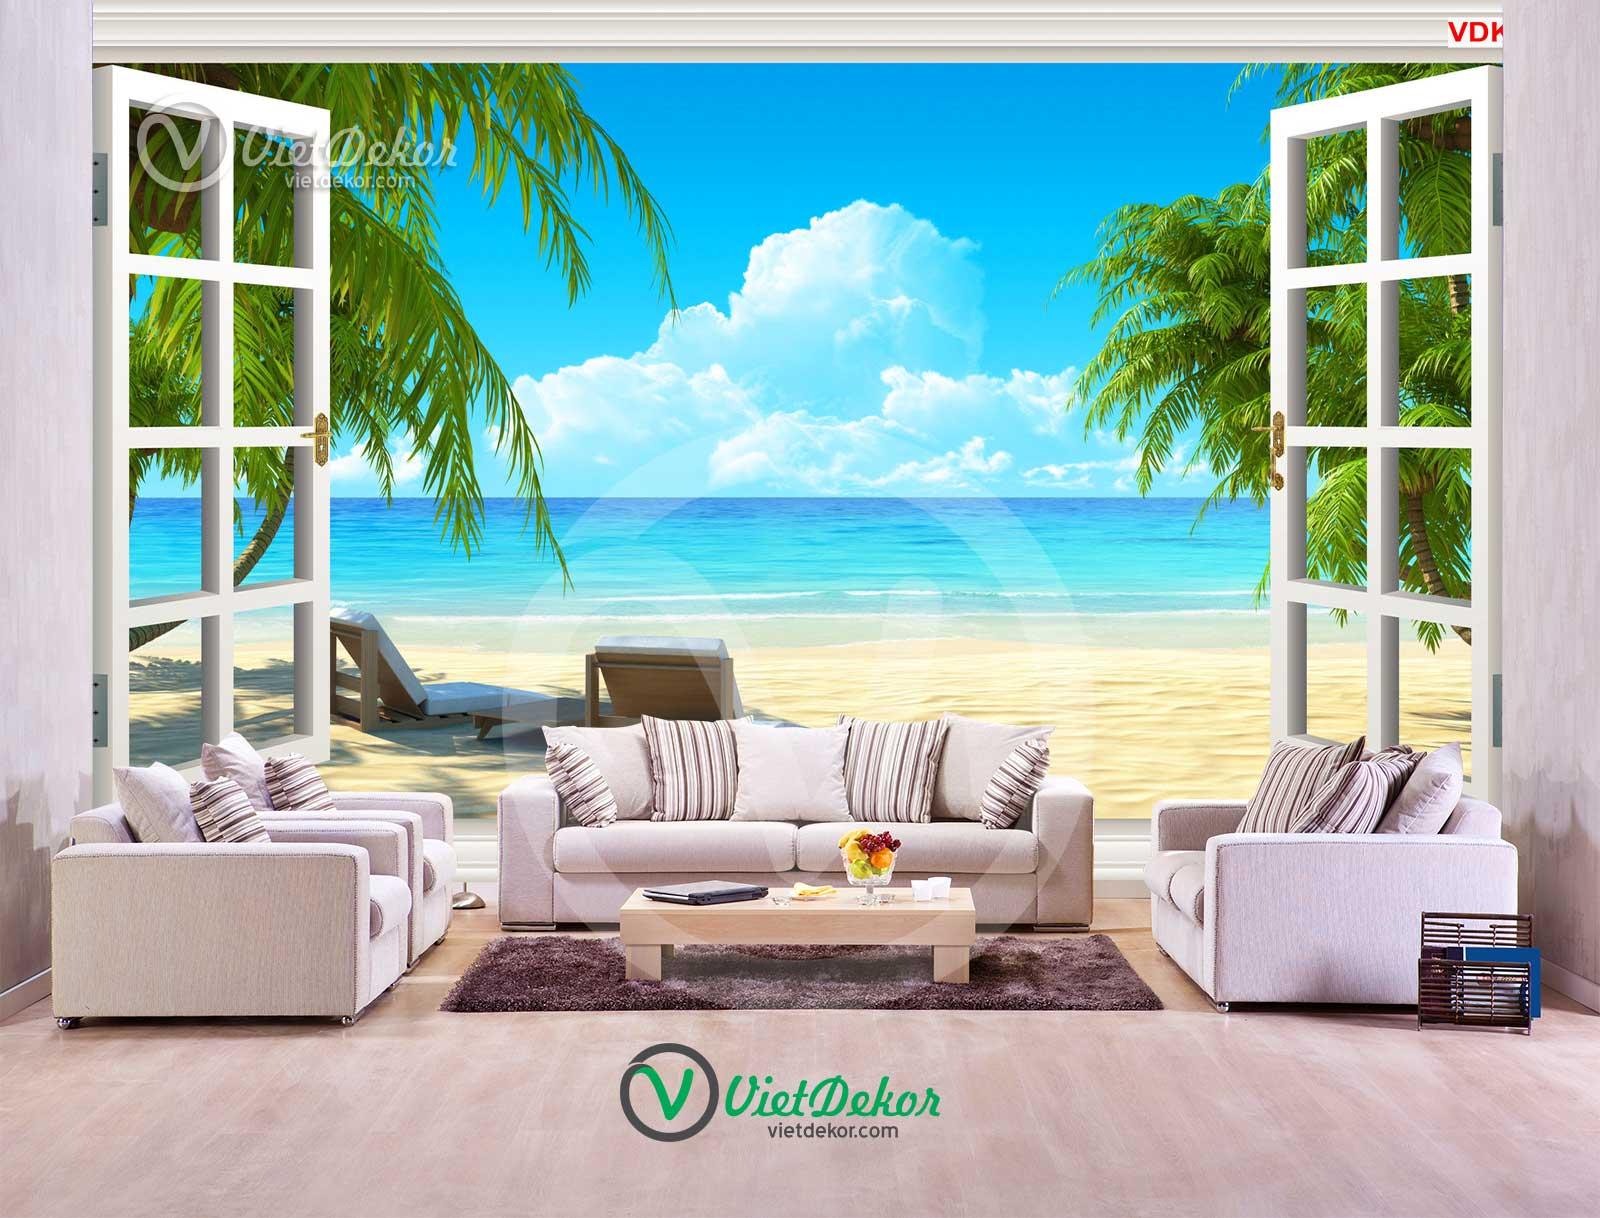 Tranh dán tường cửa sổ phong cảnh biển